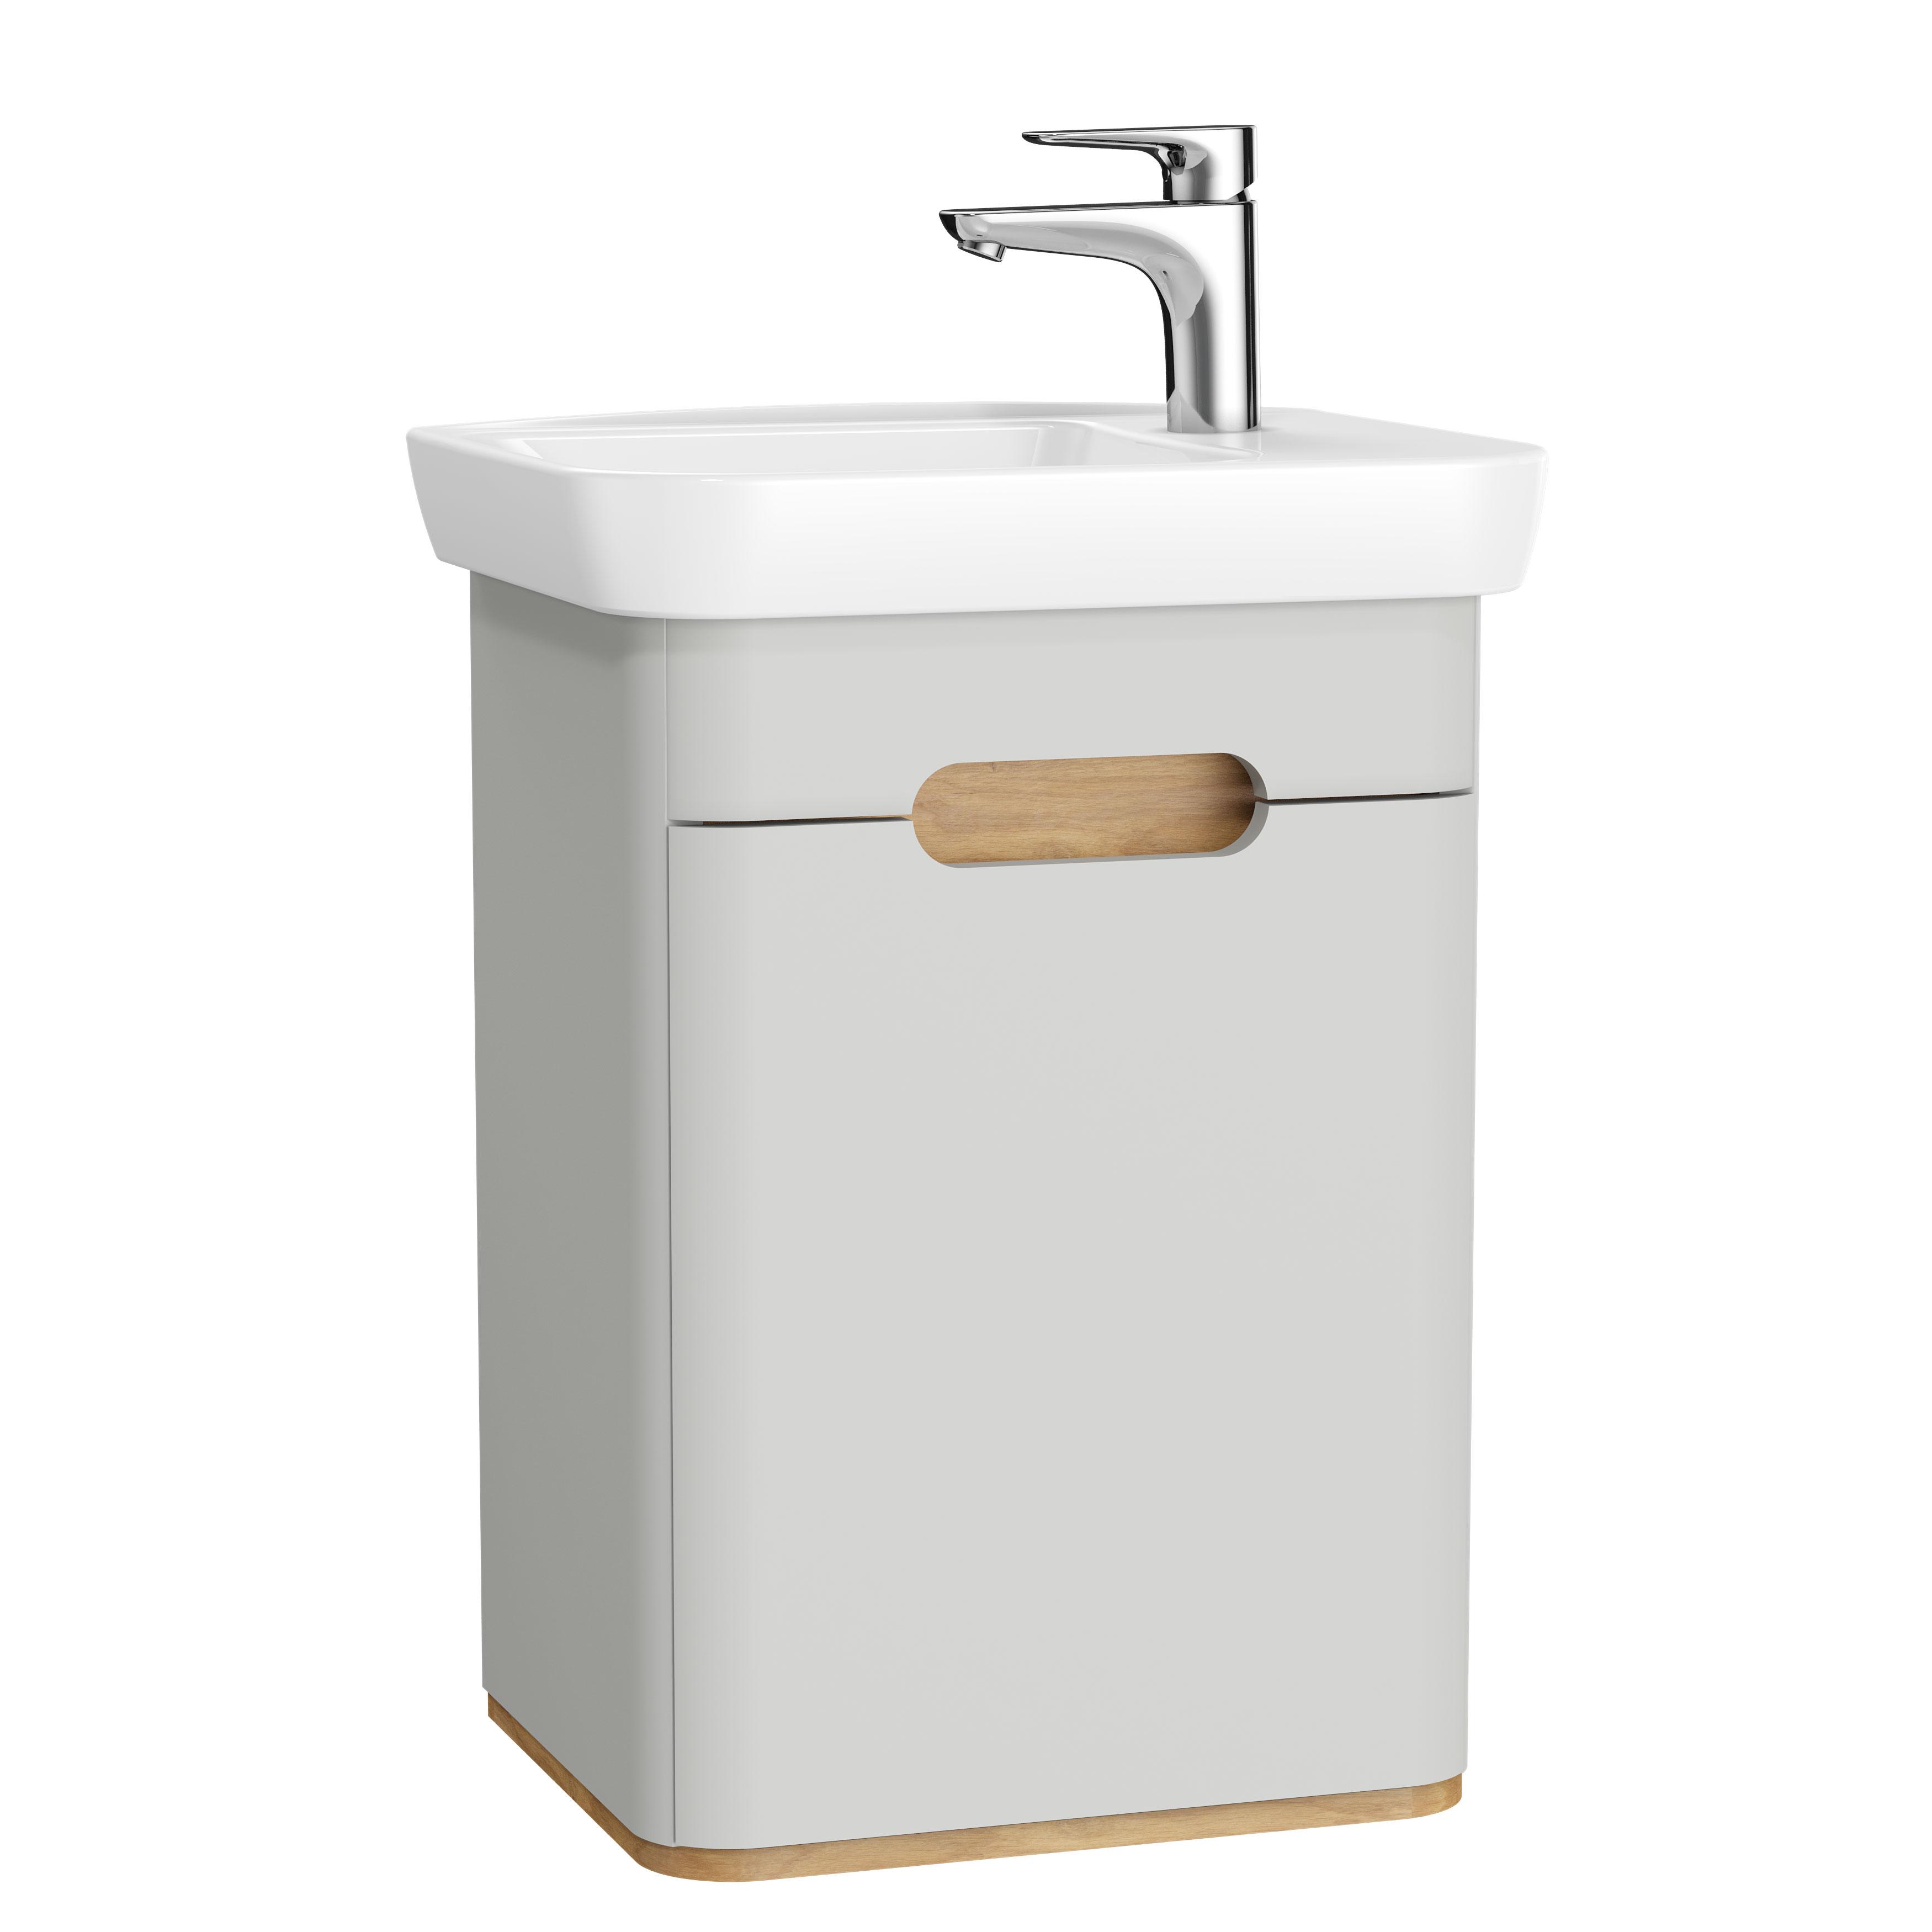 Sento meuble plan céramique, charnière à droite, 50 cm, gris clair mat, porte